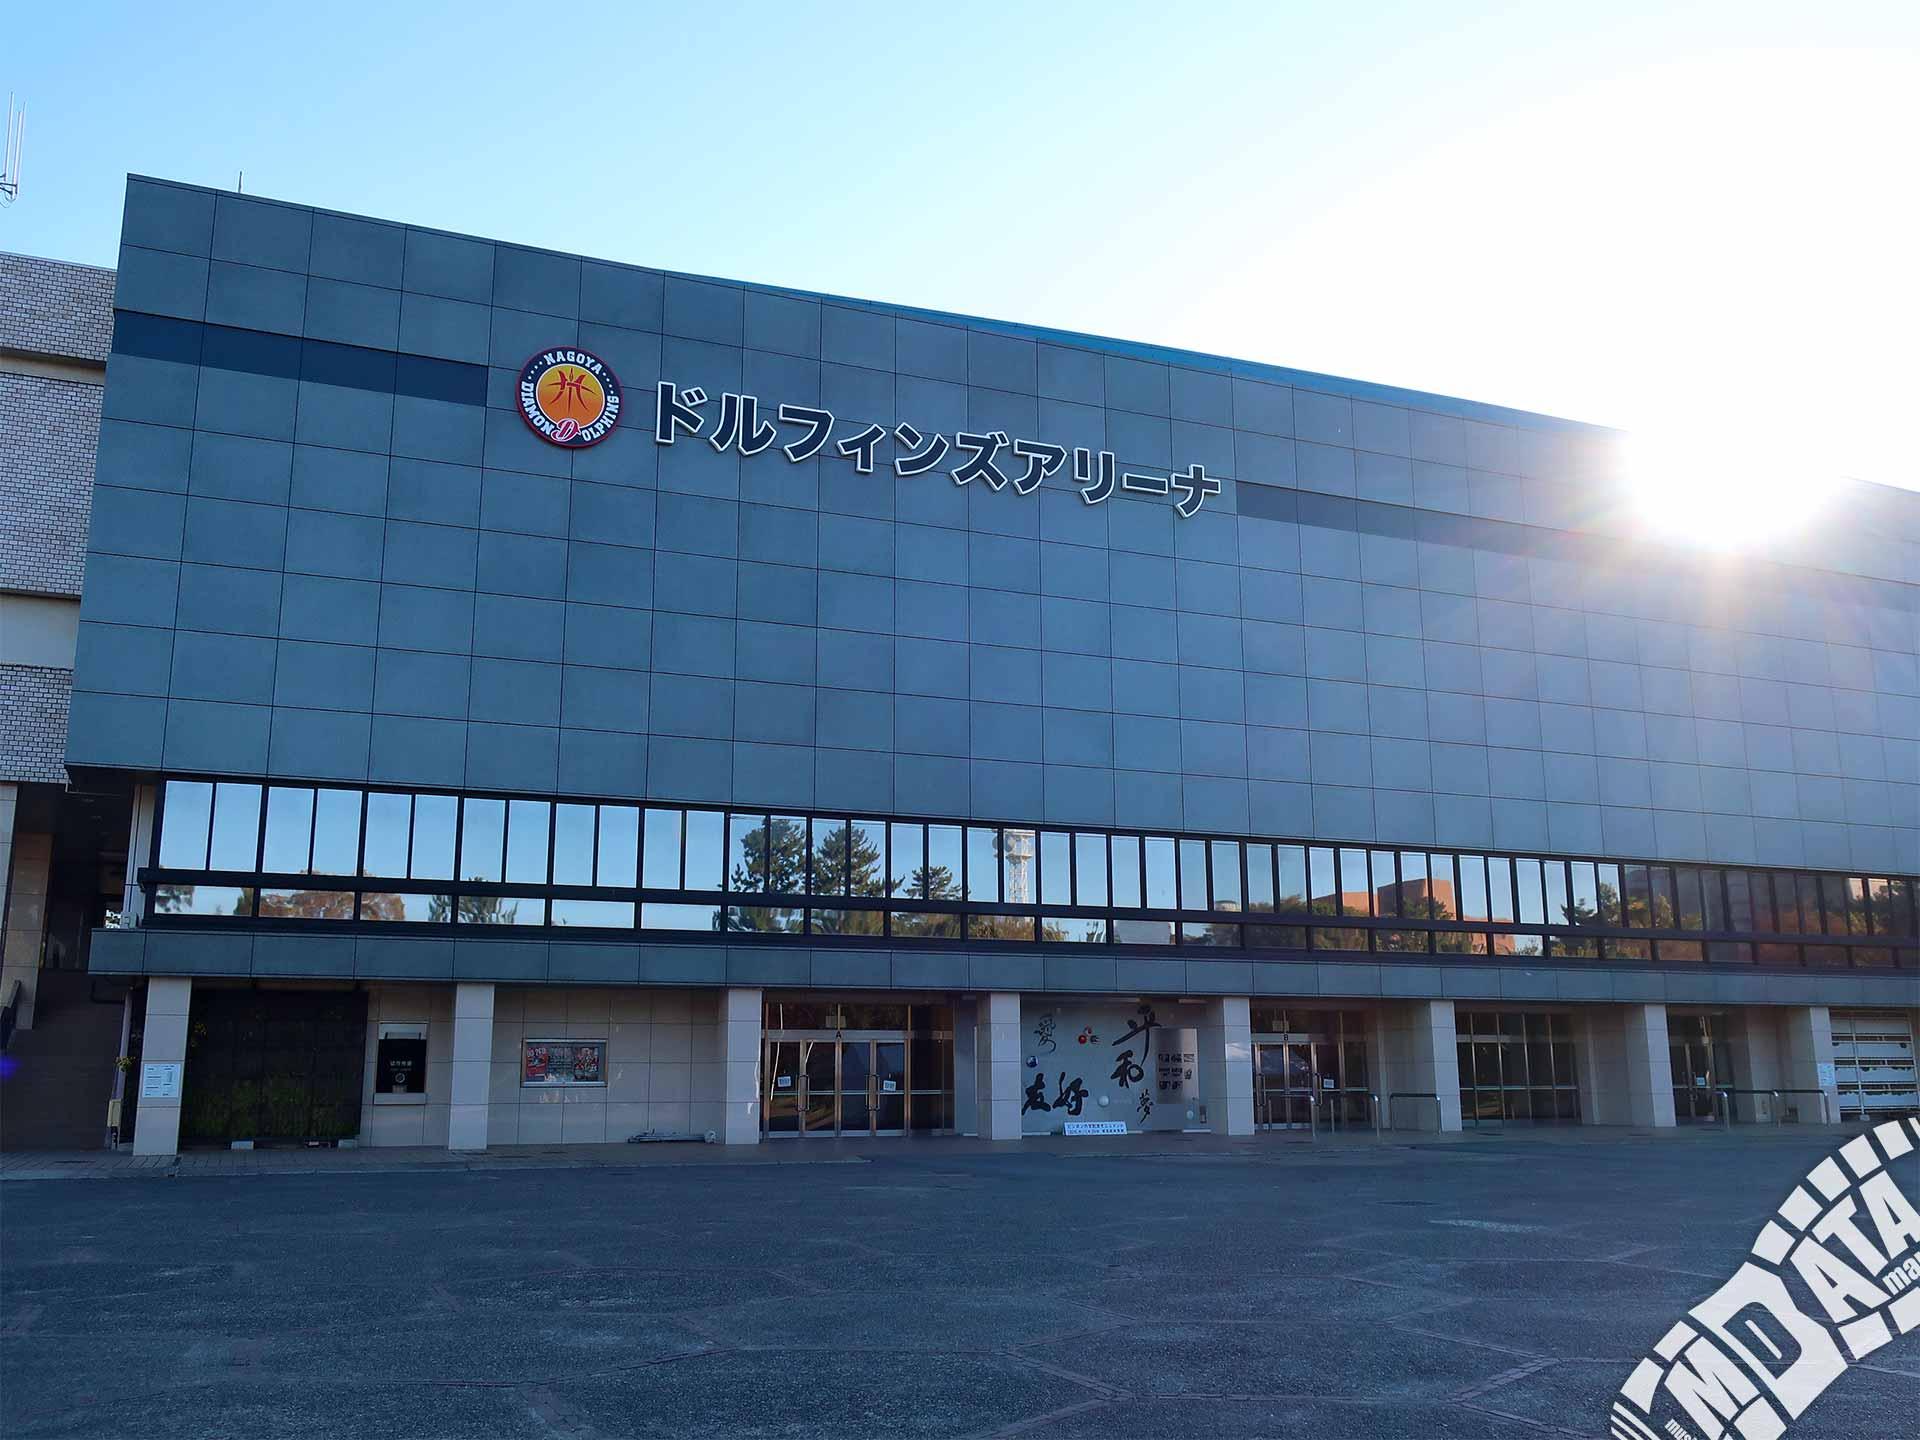 愛知 県 体育館